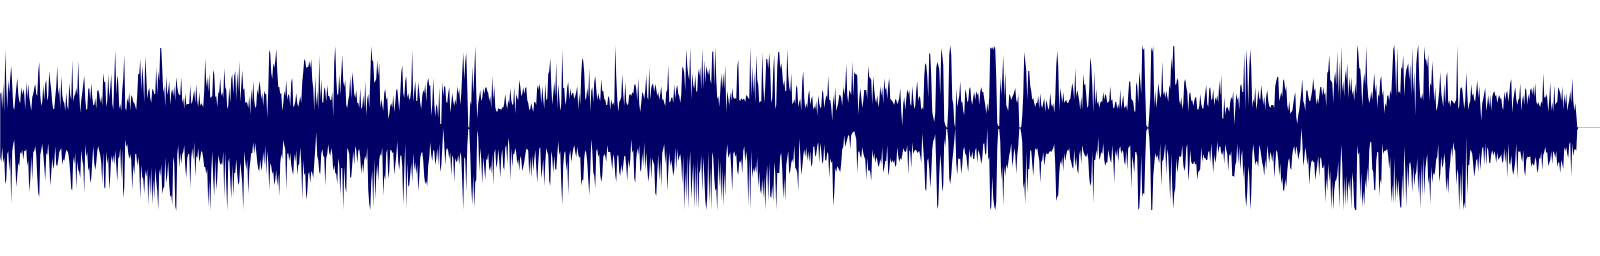 waveform of track #131453